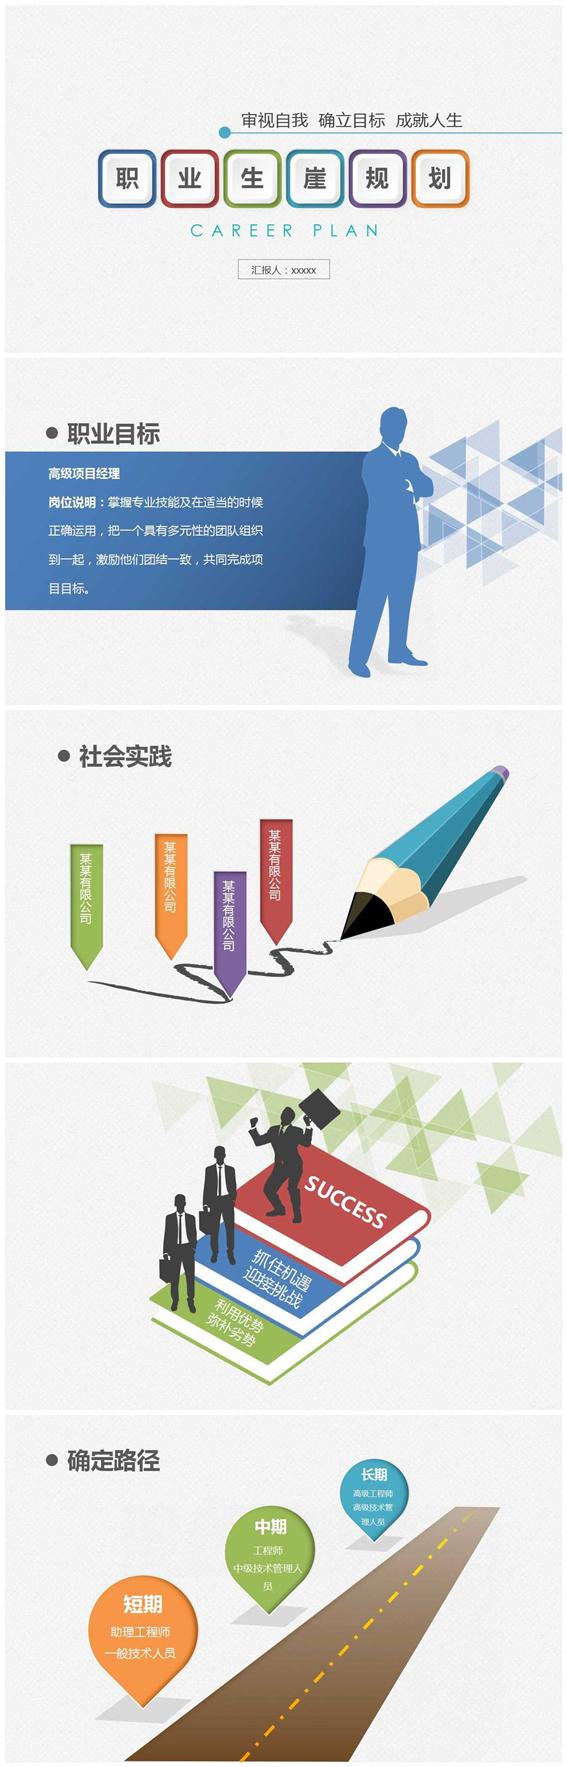 【职业规划ppt模板】职业规划下载–演界网图片